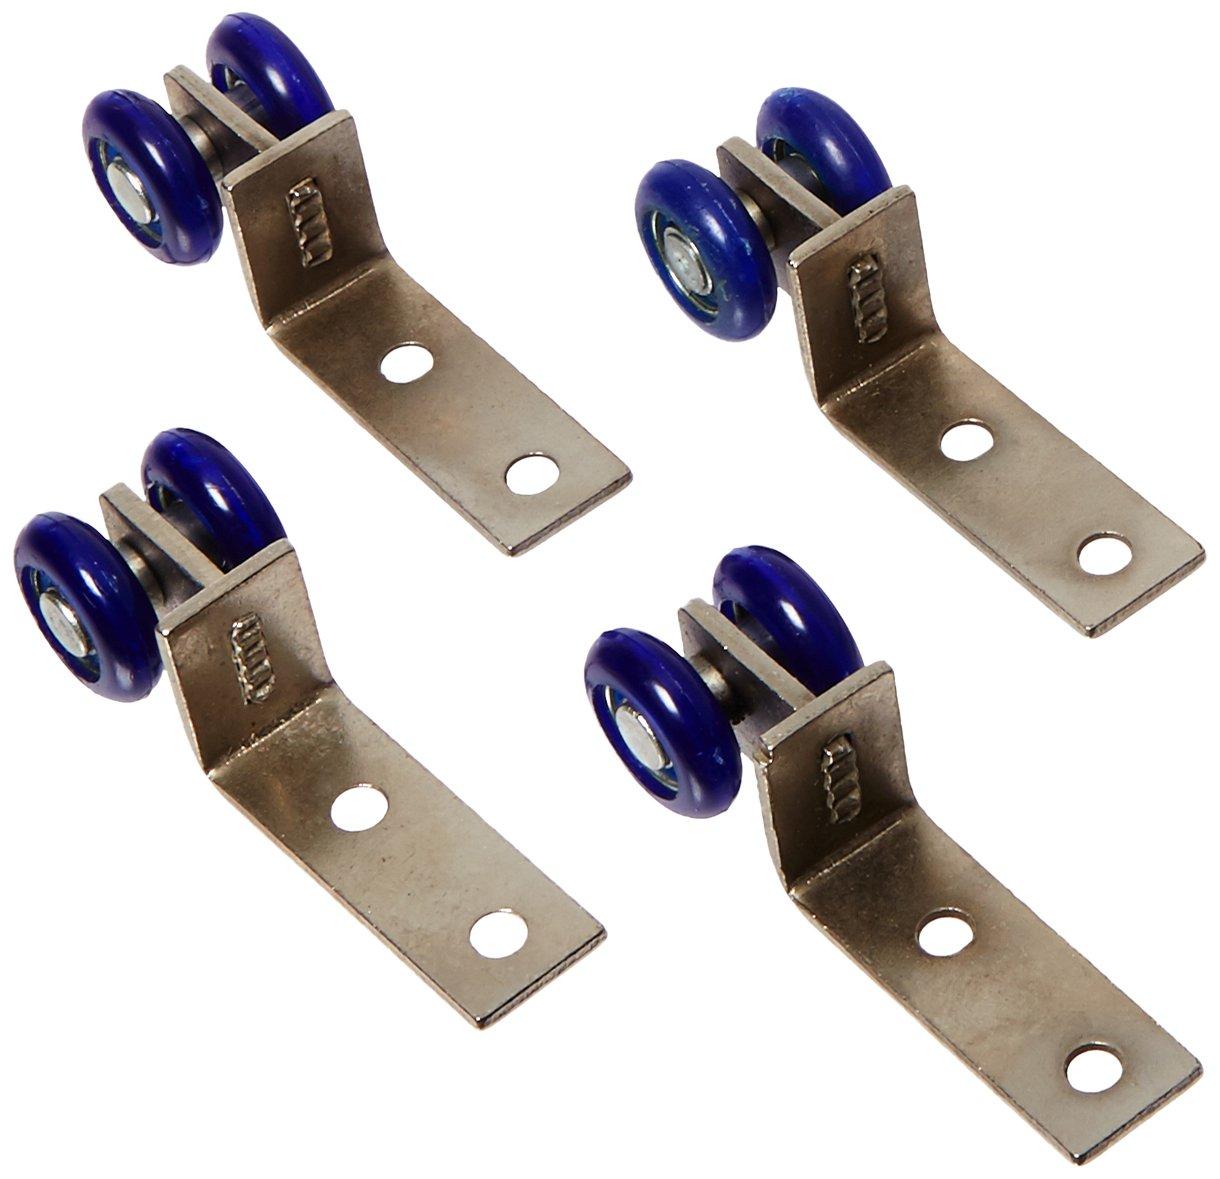 Sourcingmap a12110600ux0416-4pcs ruedas dobles de plástico azul diseño deslizante polea rodillo de puerta para gabinete: Amazon.es: Bricolaje y herramientas